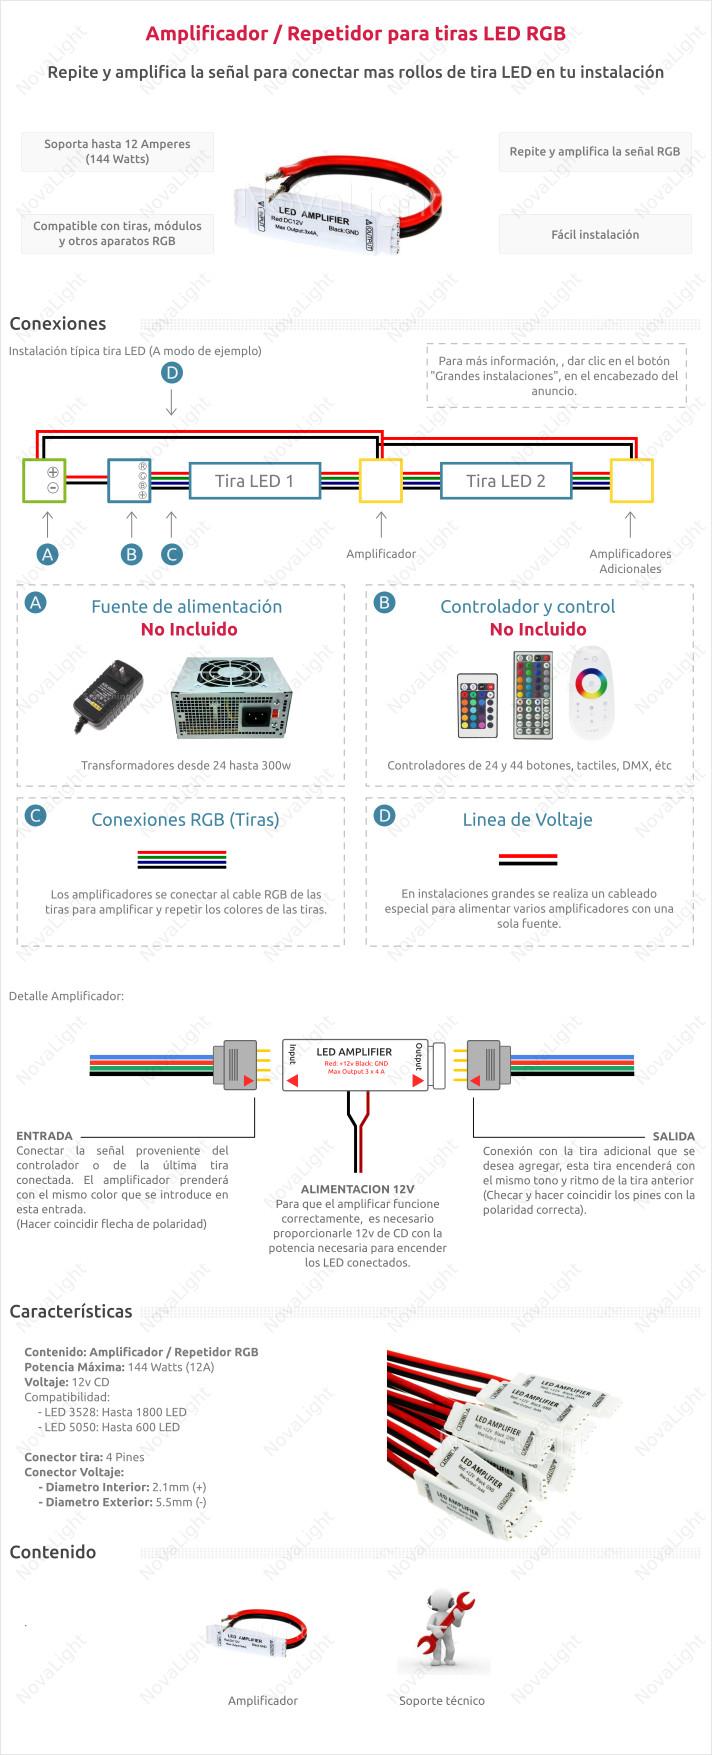 Amplificador o Repetidor para tiras LED RGB, ideal para instalaciones de varias tiras o modulos LED